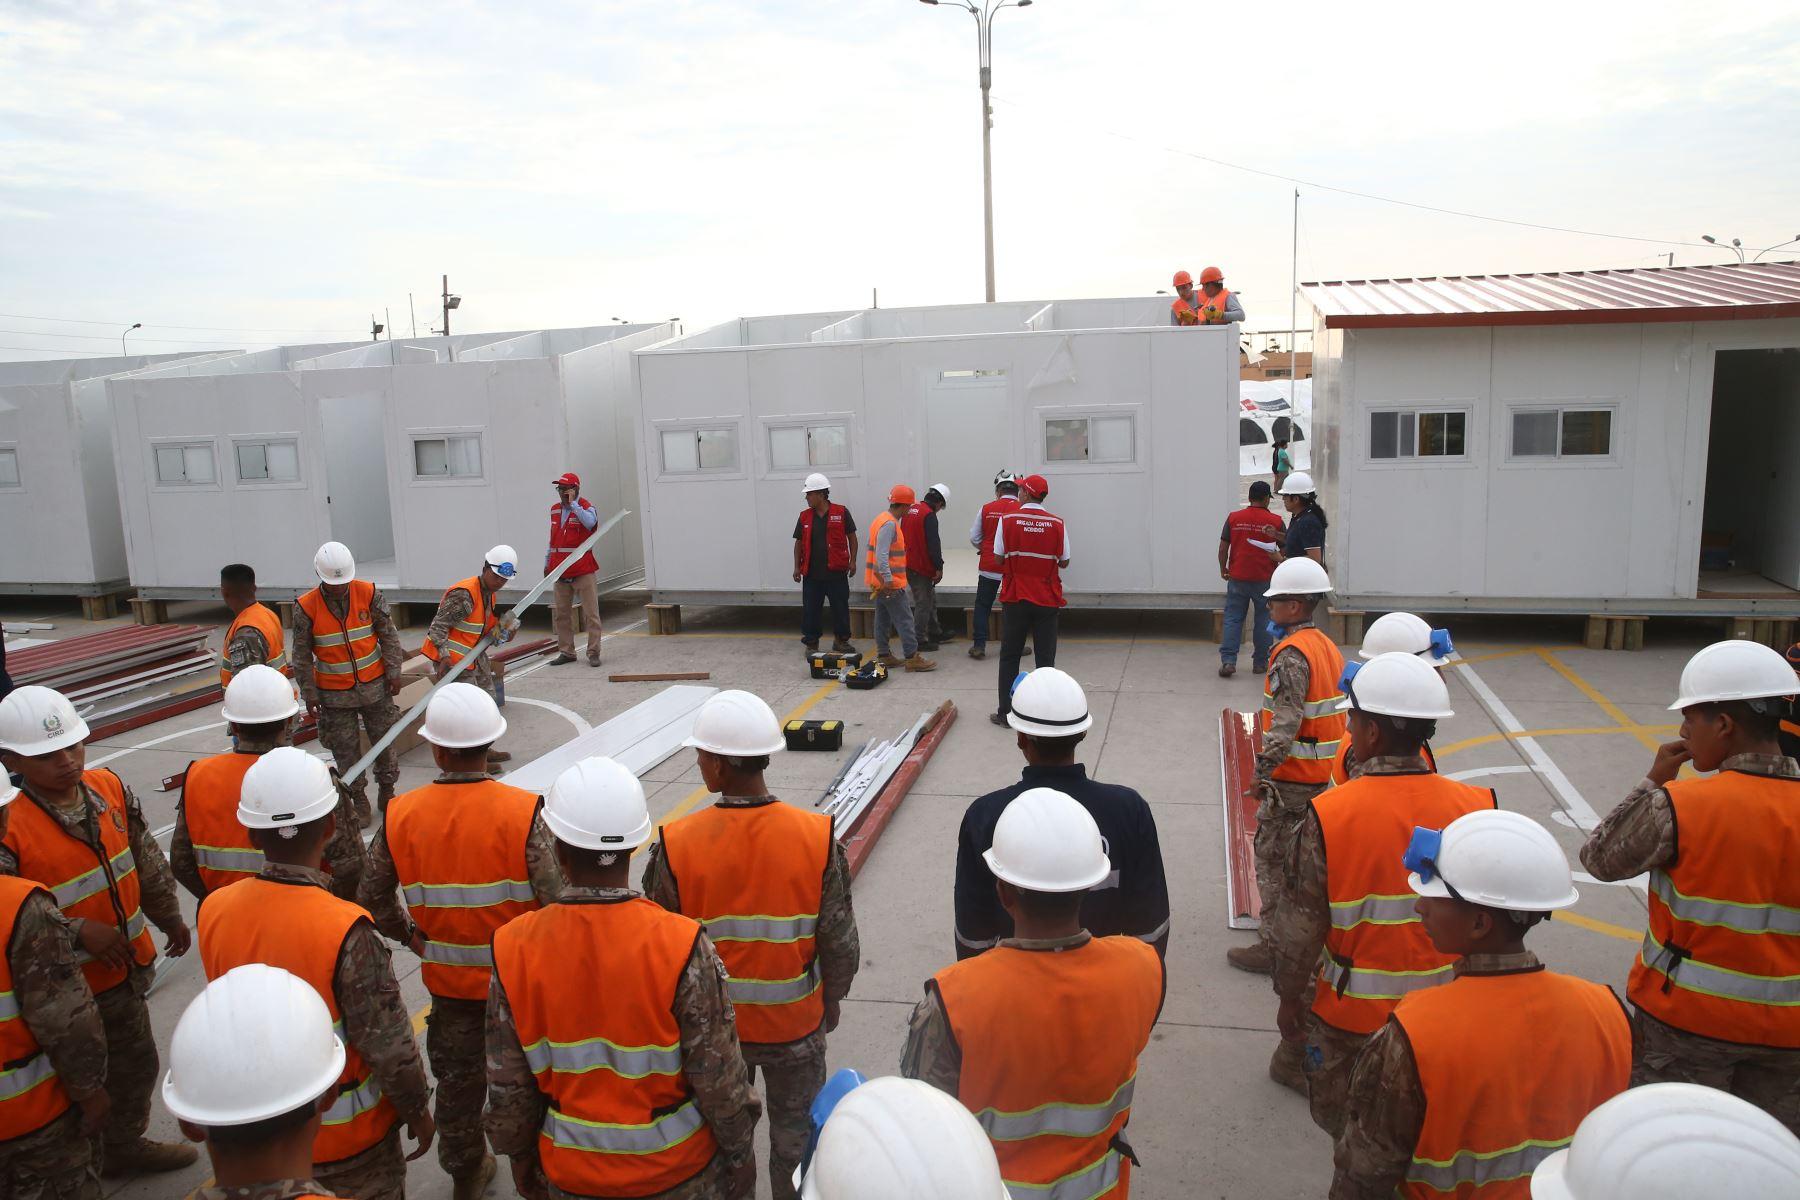 Ministerio de Vivienda construe Modulos de Viviendas en solidaridad llevando ayuda a damnificados de incendio en Villa el Salvador. Foto: ANDINA/Vidal Tarqui